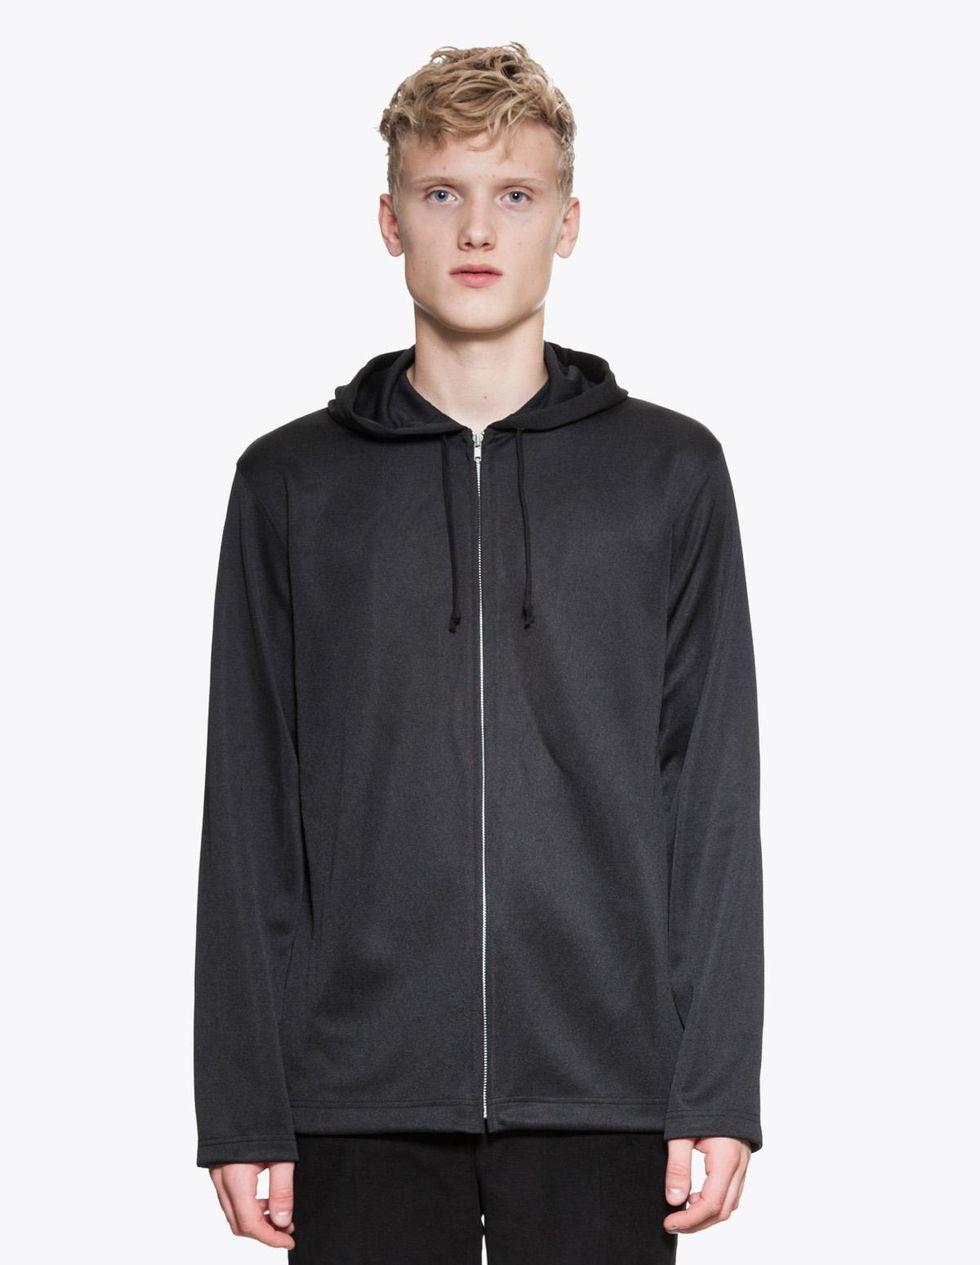 cdgh-hoodie.jpg